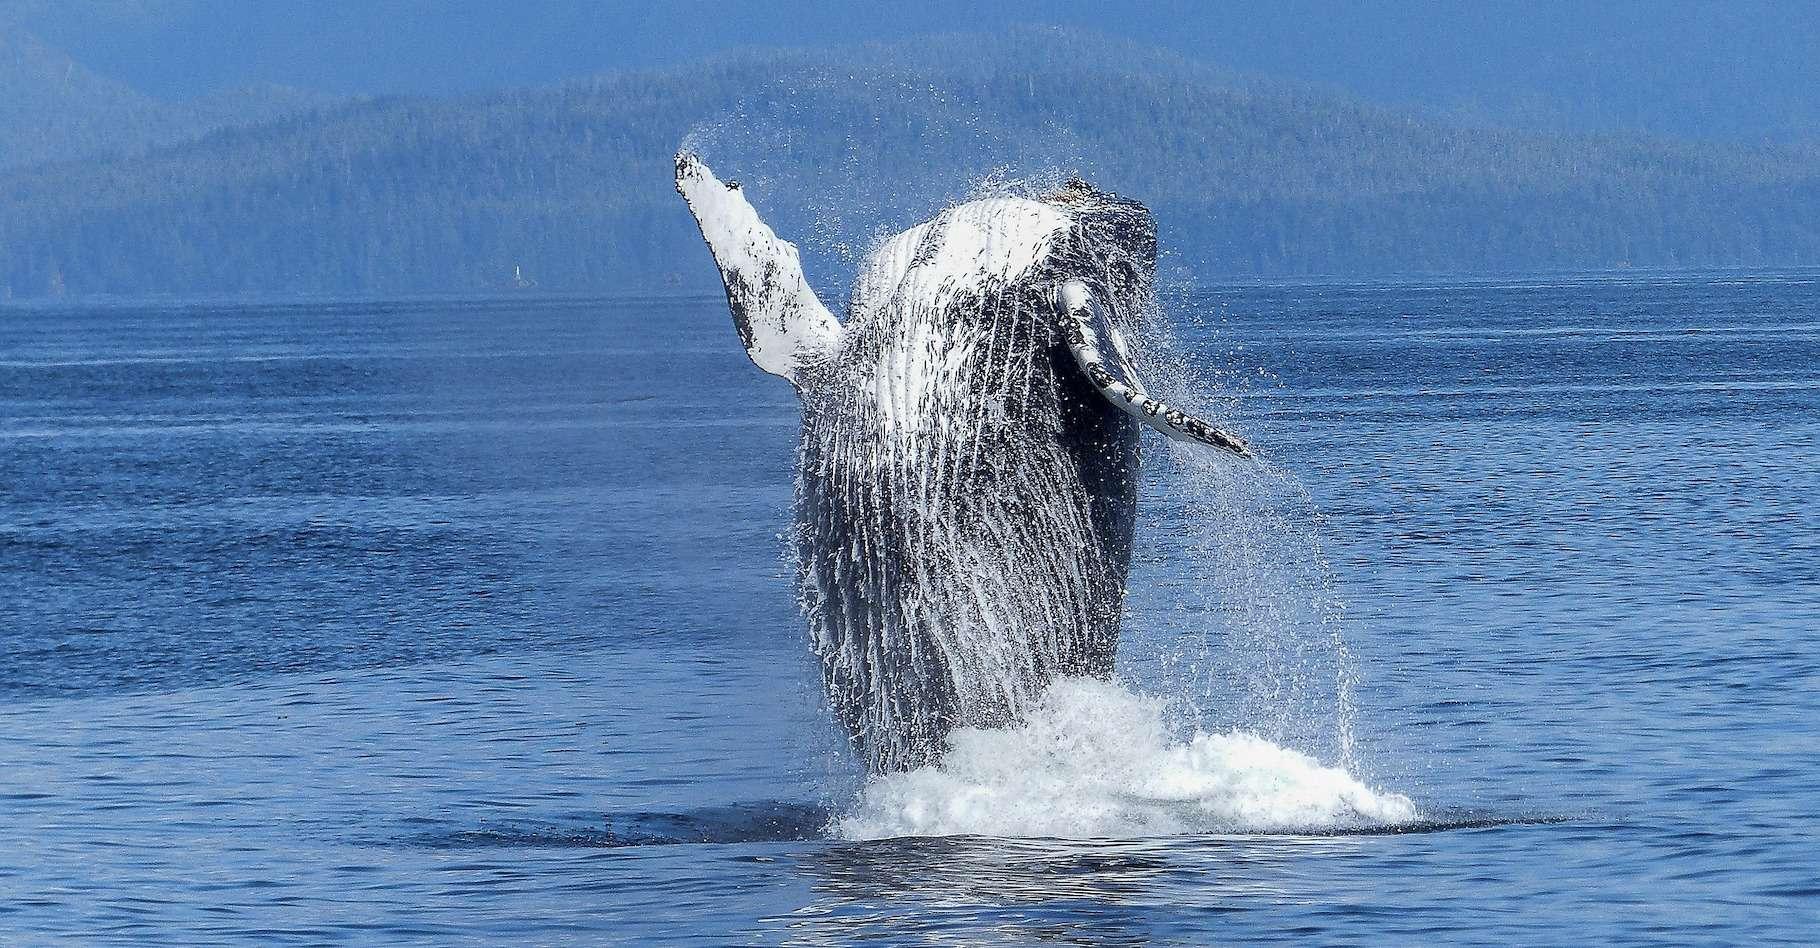 Selon des chercheurs de l'université de Washington (États-Unis), il y aurait aujourd'hui de nouveau presque autant de baleines à bosse dans l'Atlantique sud qu'avant le début de leur chasse intensive. © ArtTower, Pixabay License